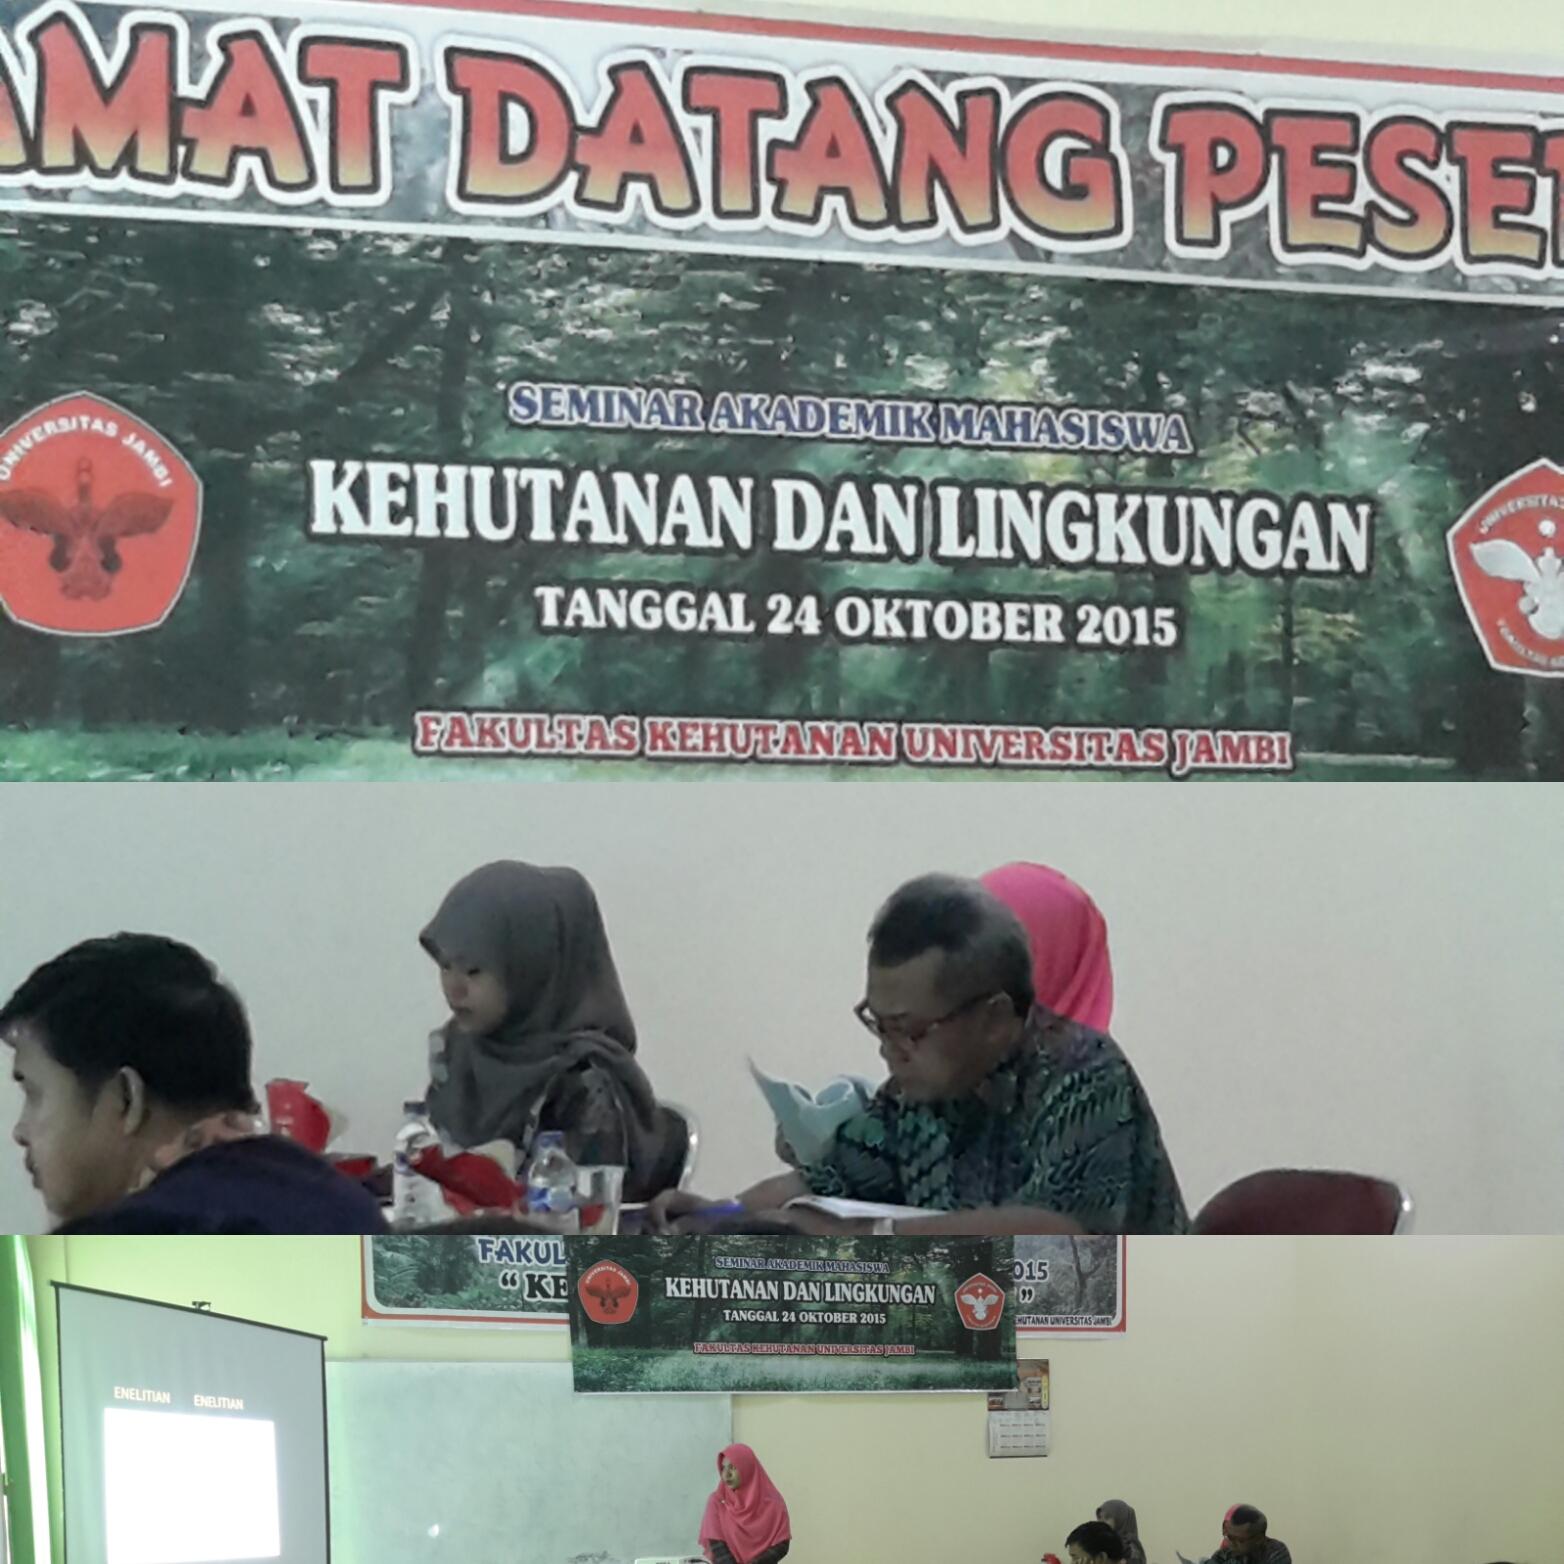 Seminar Akademik Mahasiswa Kehutanan 2015